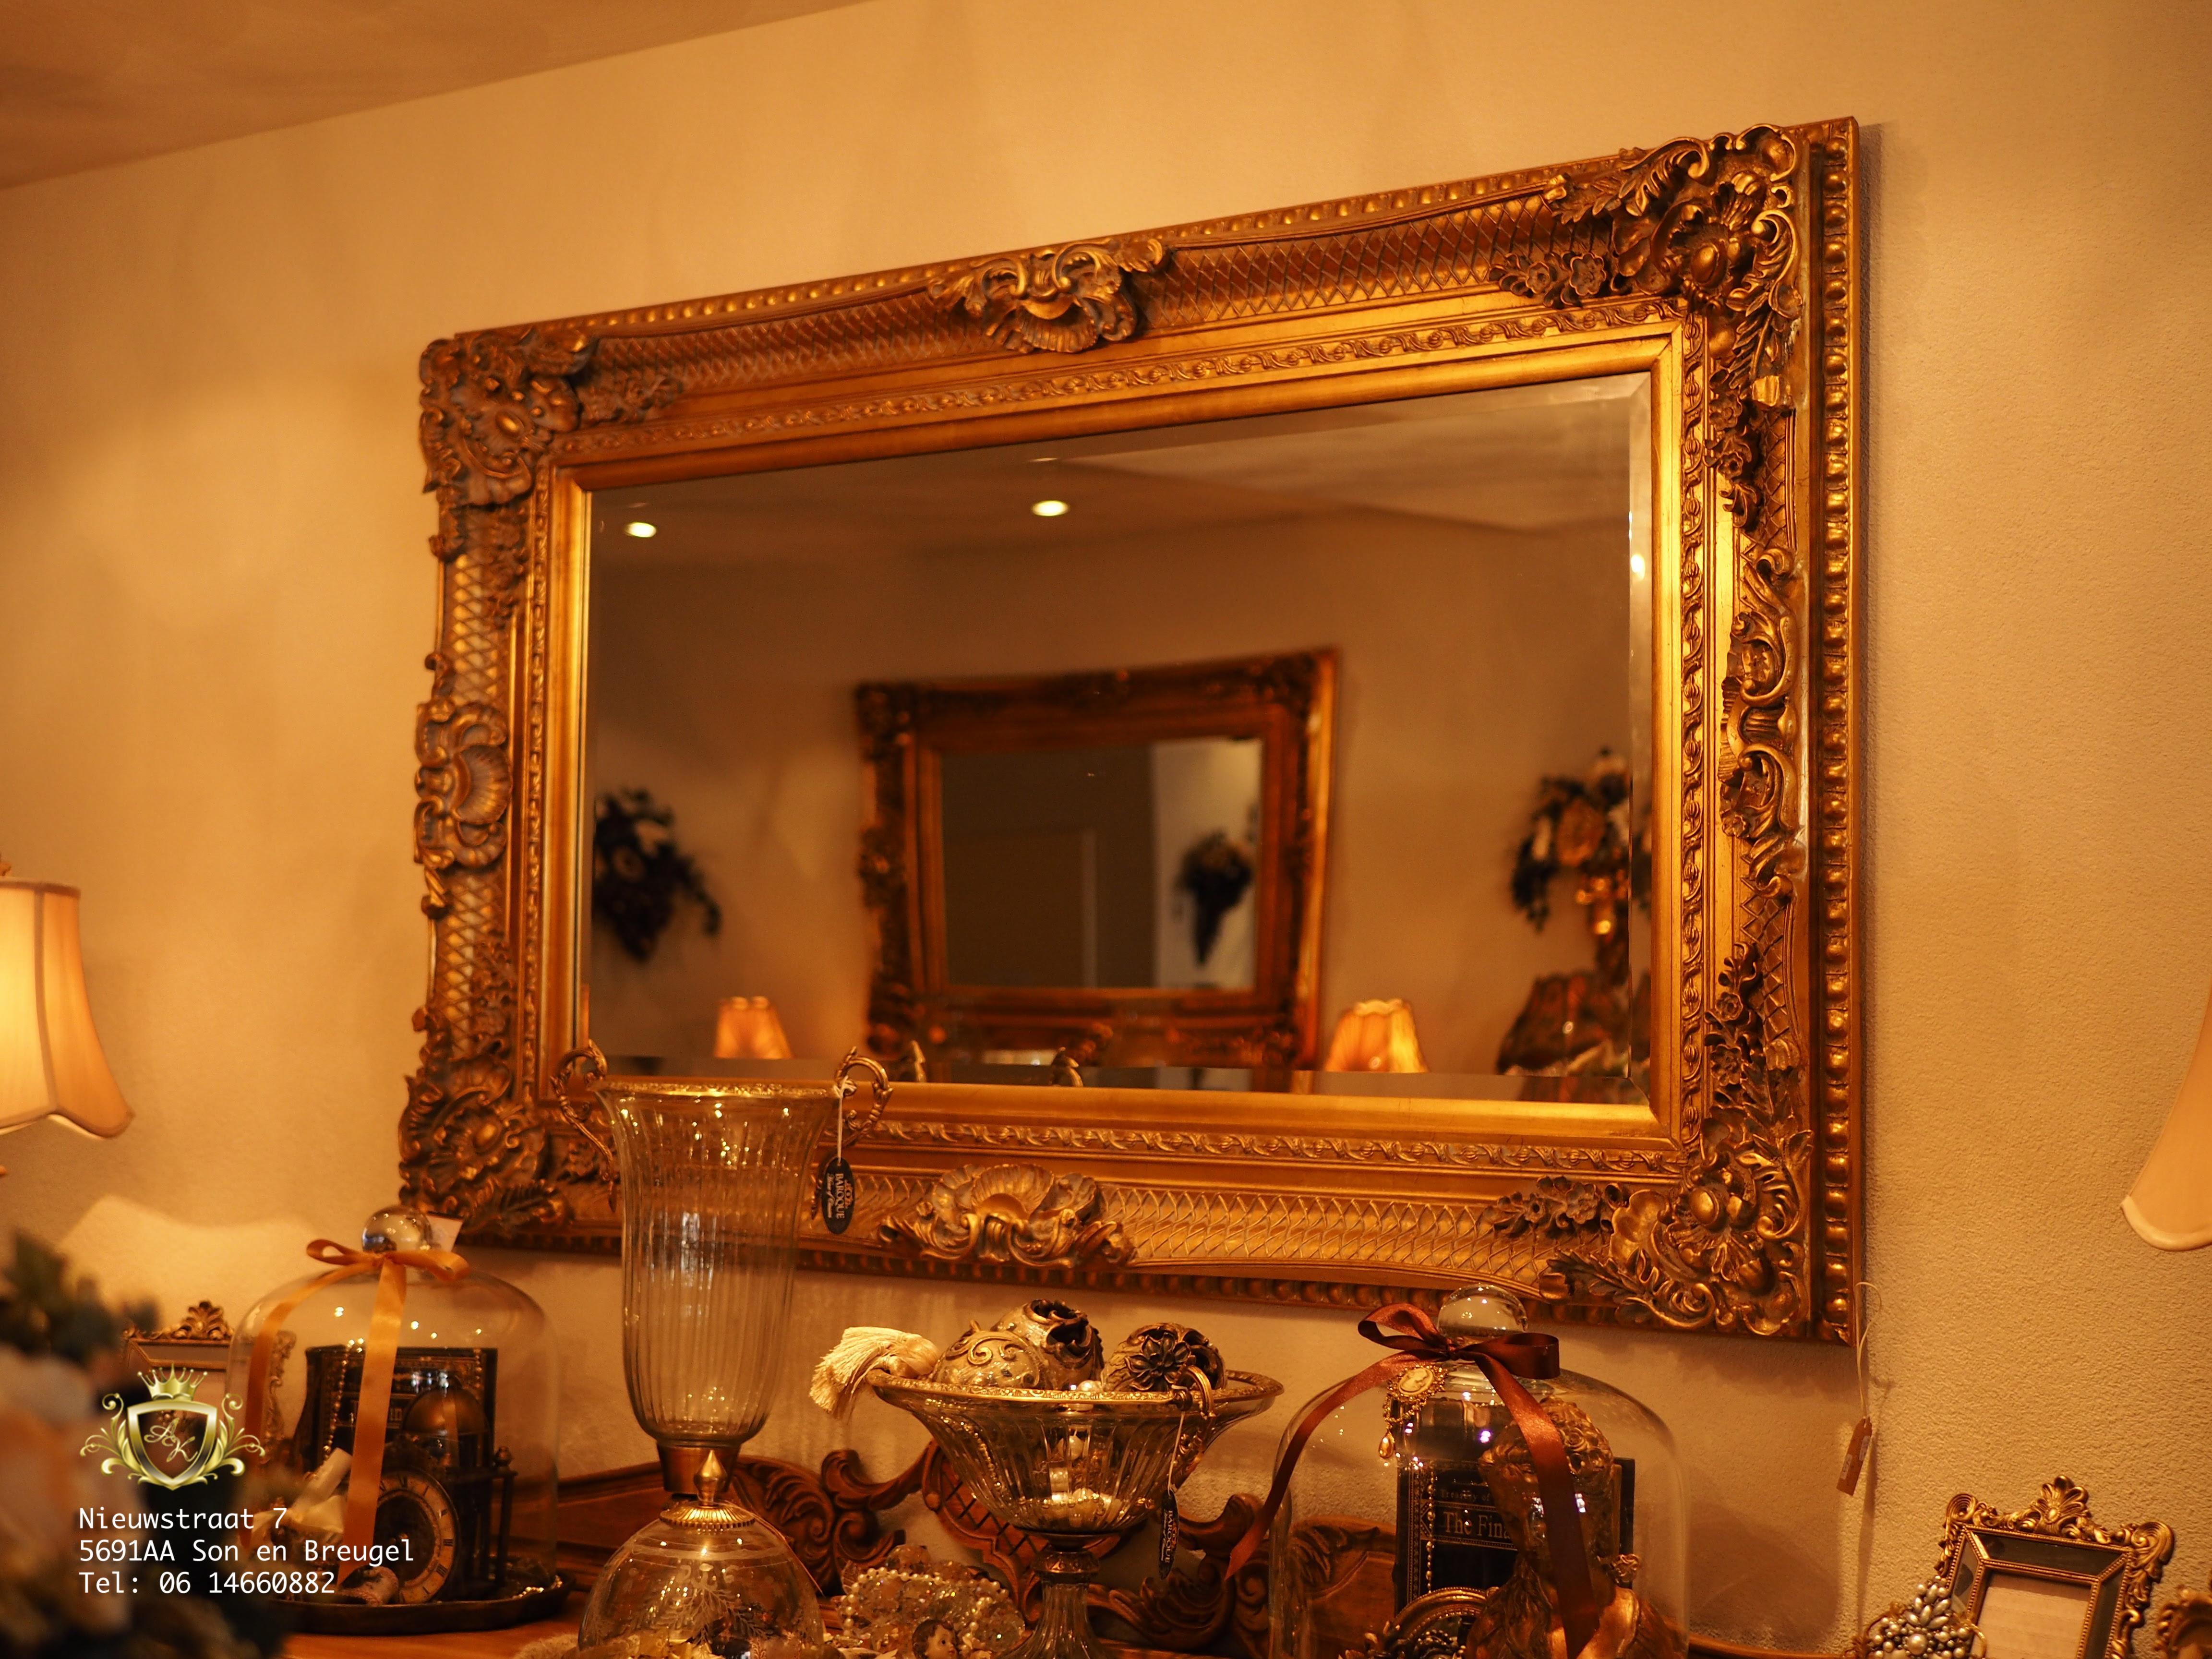 Grote Barok Spiegel : Typical english decorations barok spiegel wellicht de grootste